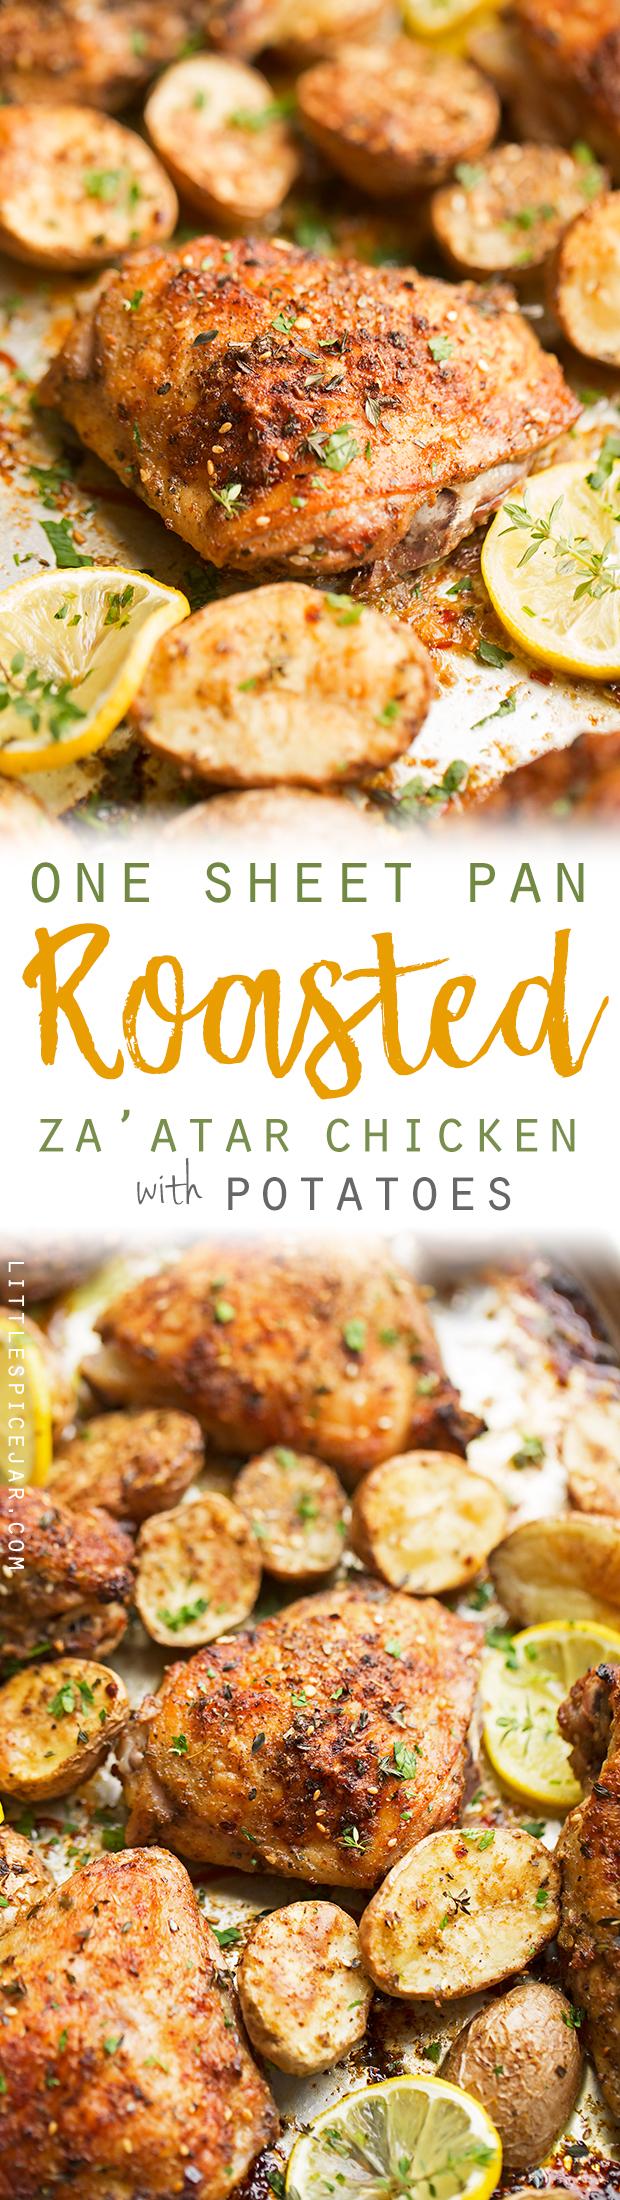 One-Sheet-Pan-Roasted-Za'atar-Chickena-and-Potatoes-6